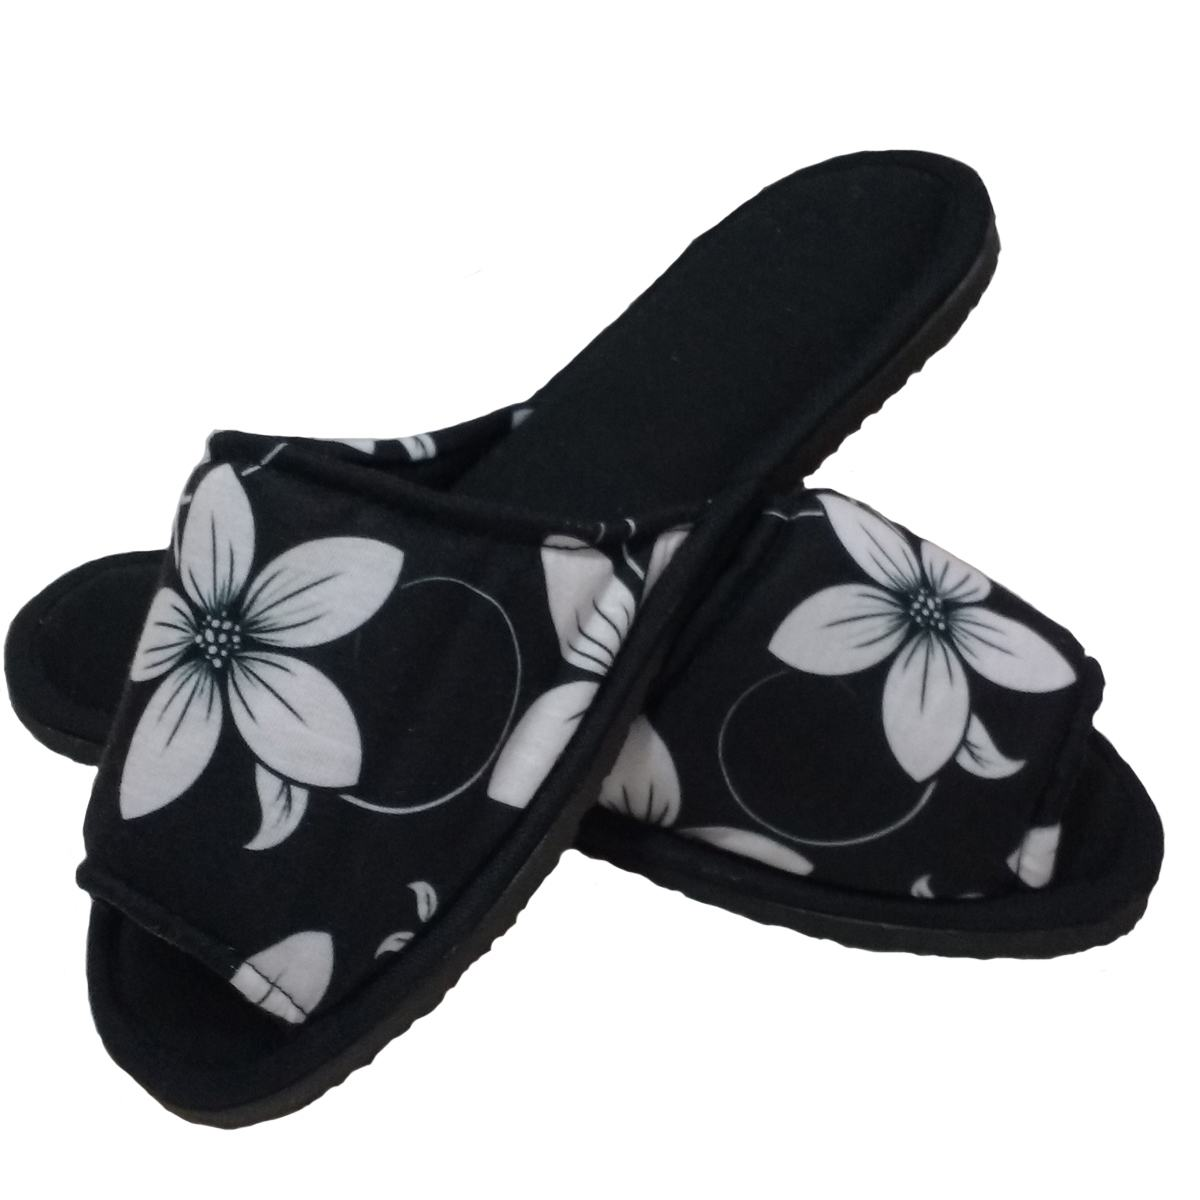 Chinelo de Quarto Aberto Feminino Floral cod 19